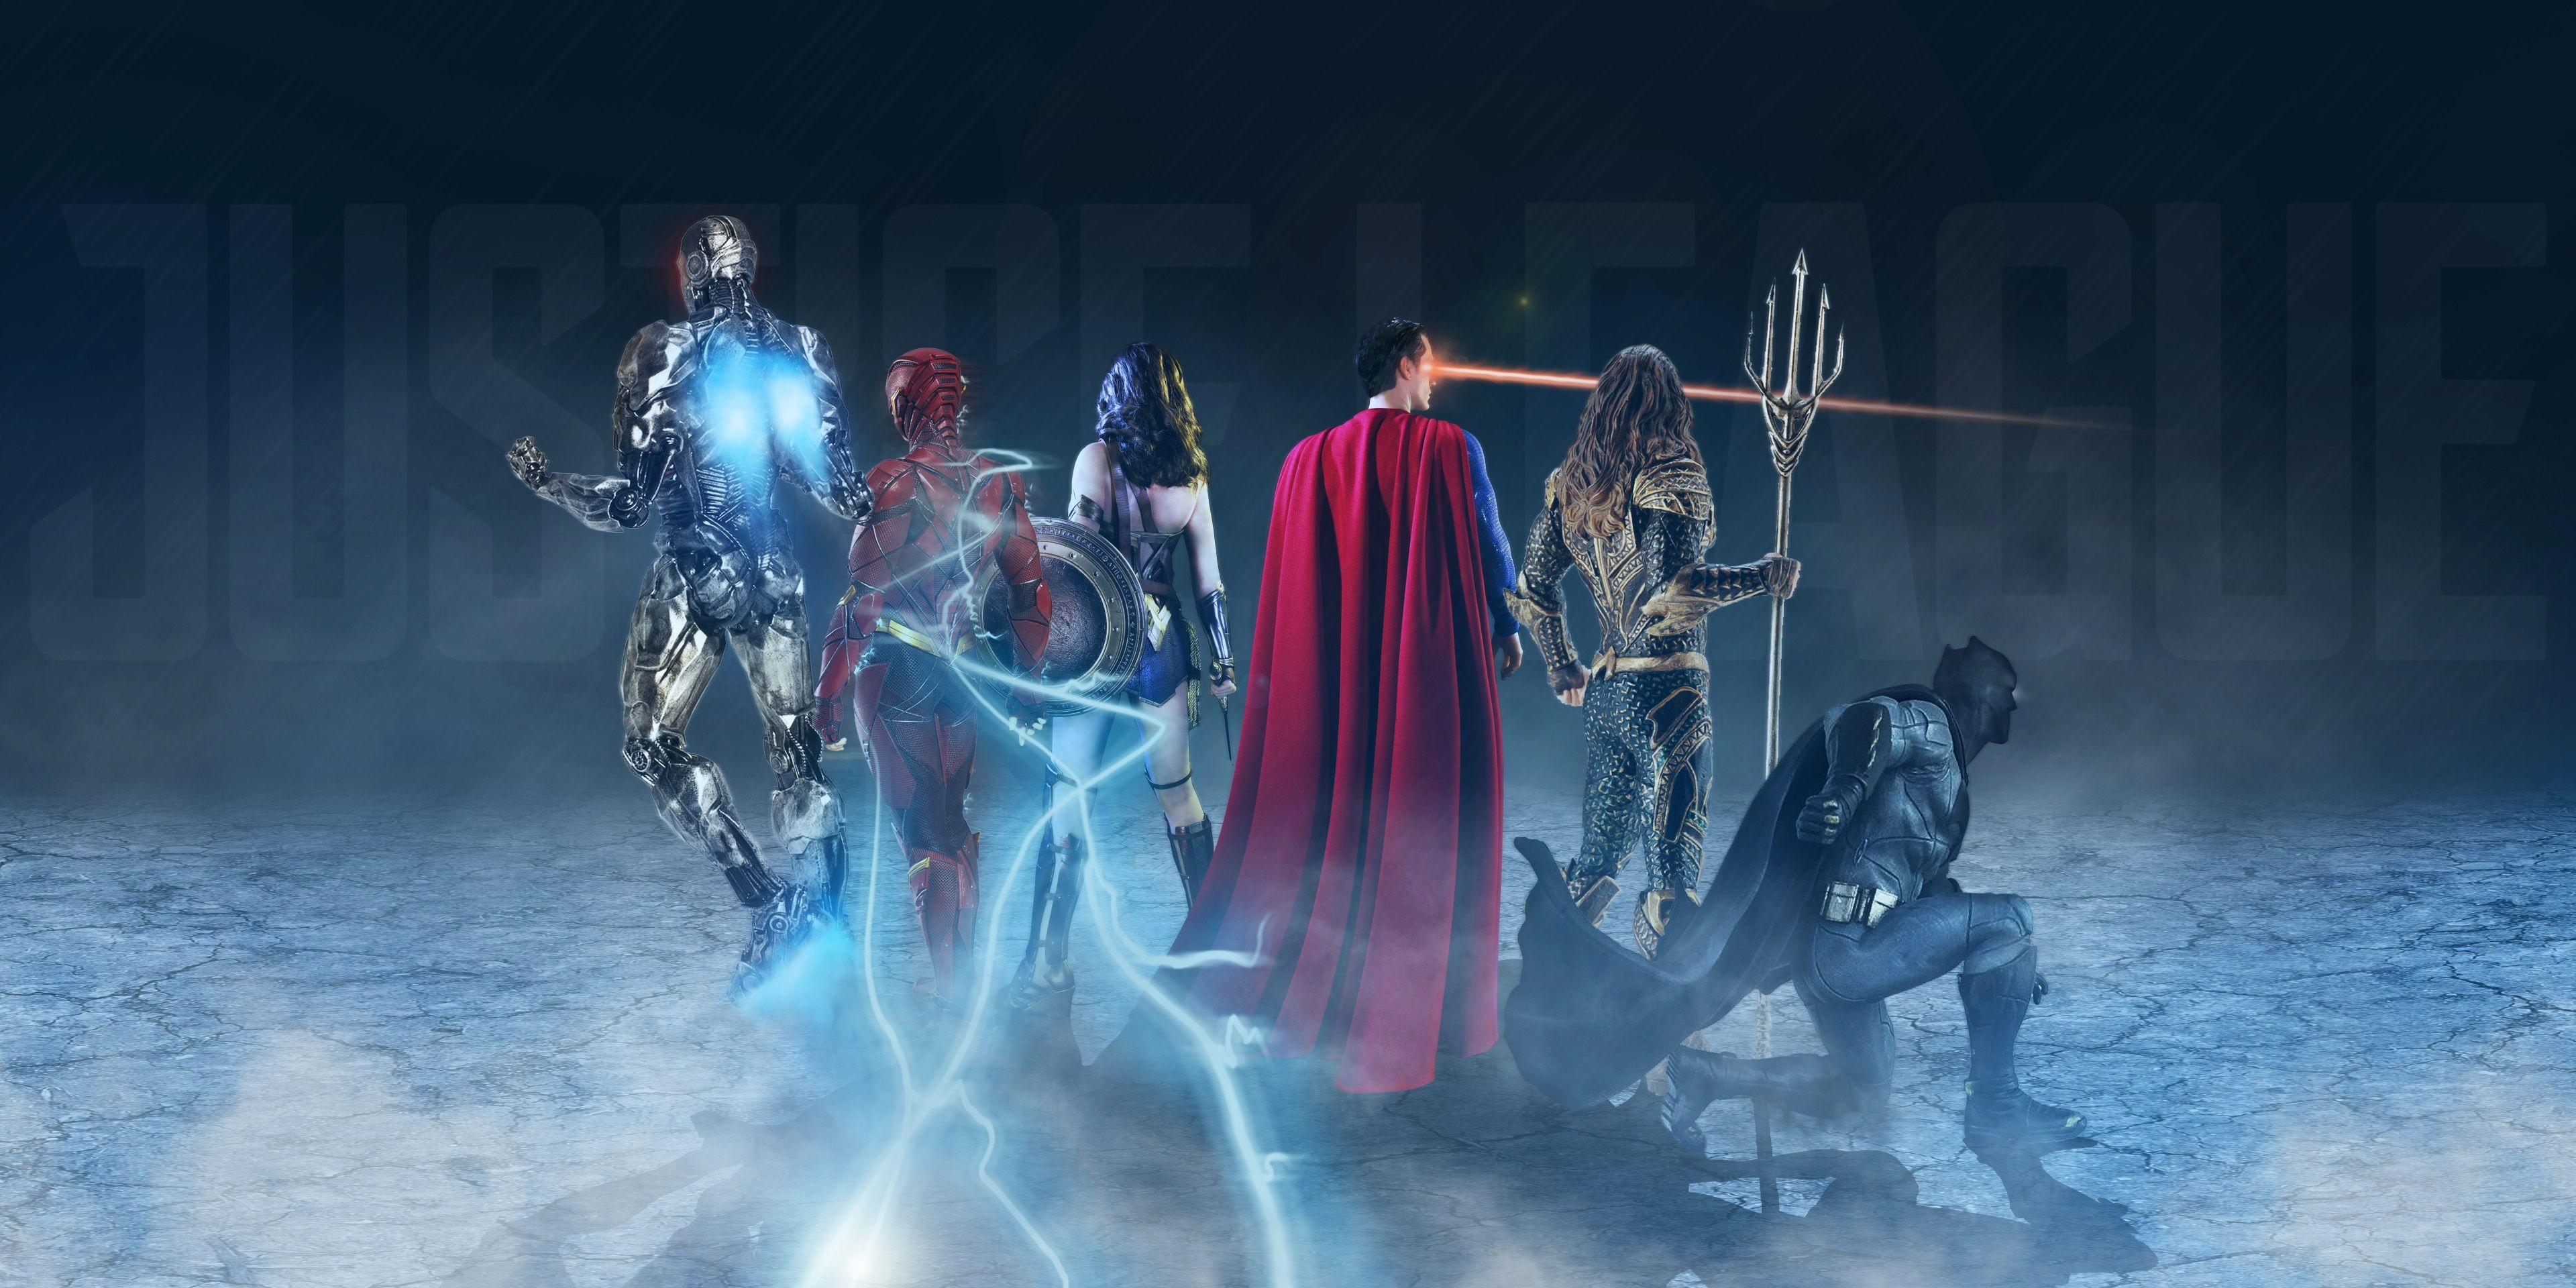 3840x1920 Justice League 4k Computer Wallpaper New Justice League Superheroes Justice League Fan Poster